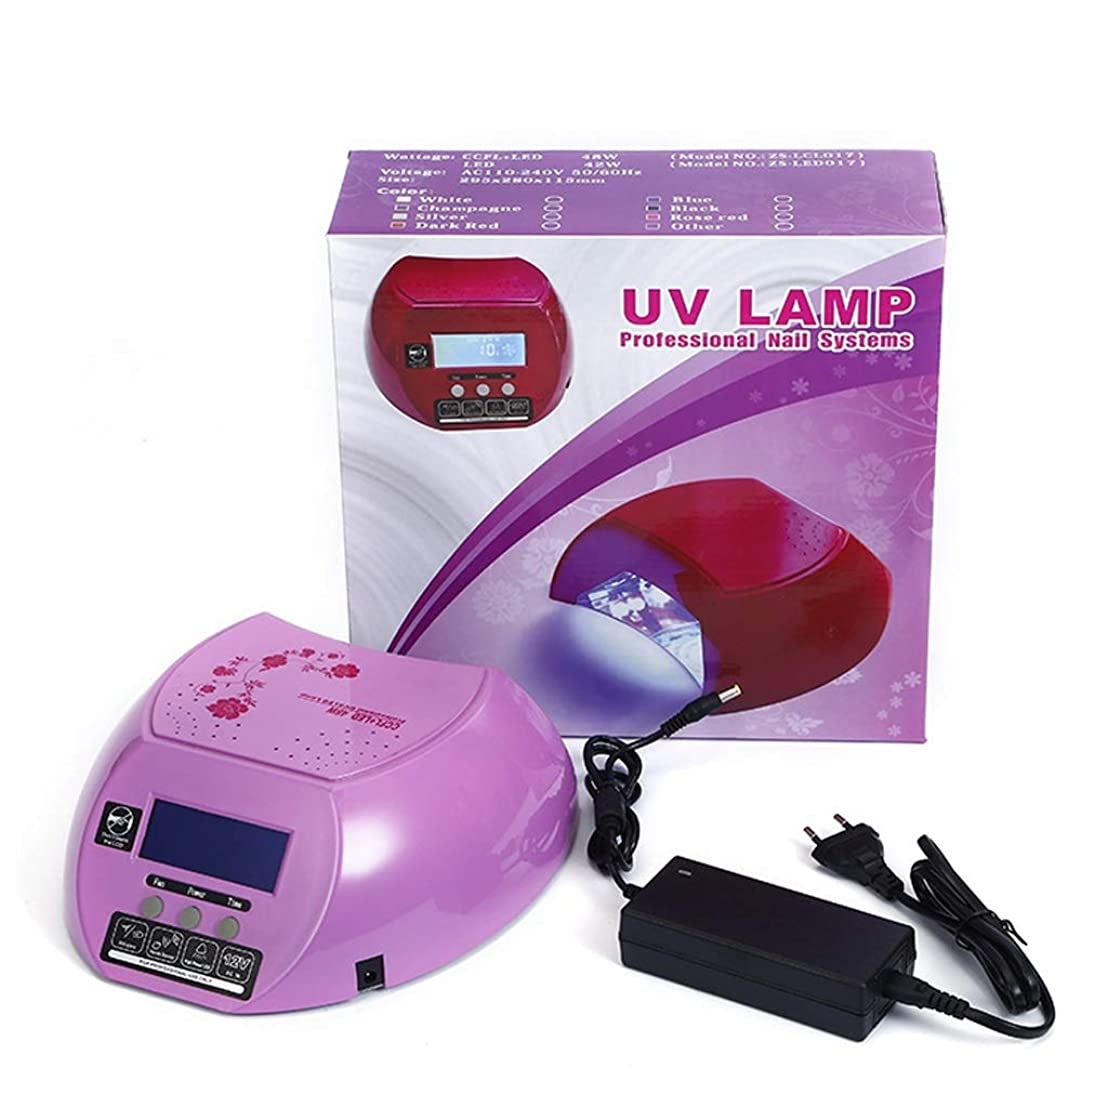 レバージャングルゴミすべてのネイルポリッシュ硬化ゲルランプ用のデュアルソースネイル光線治療ドライヤー